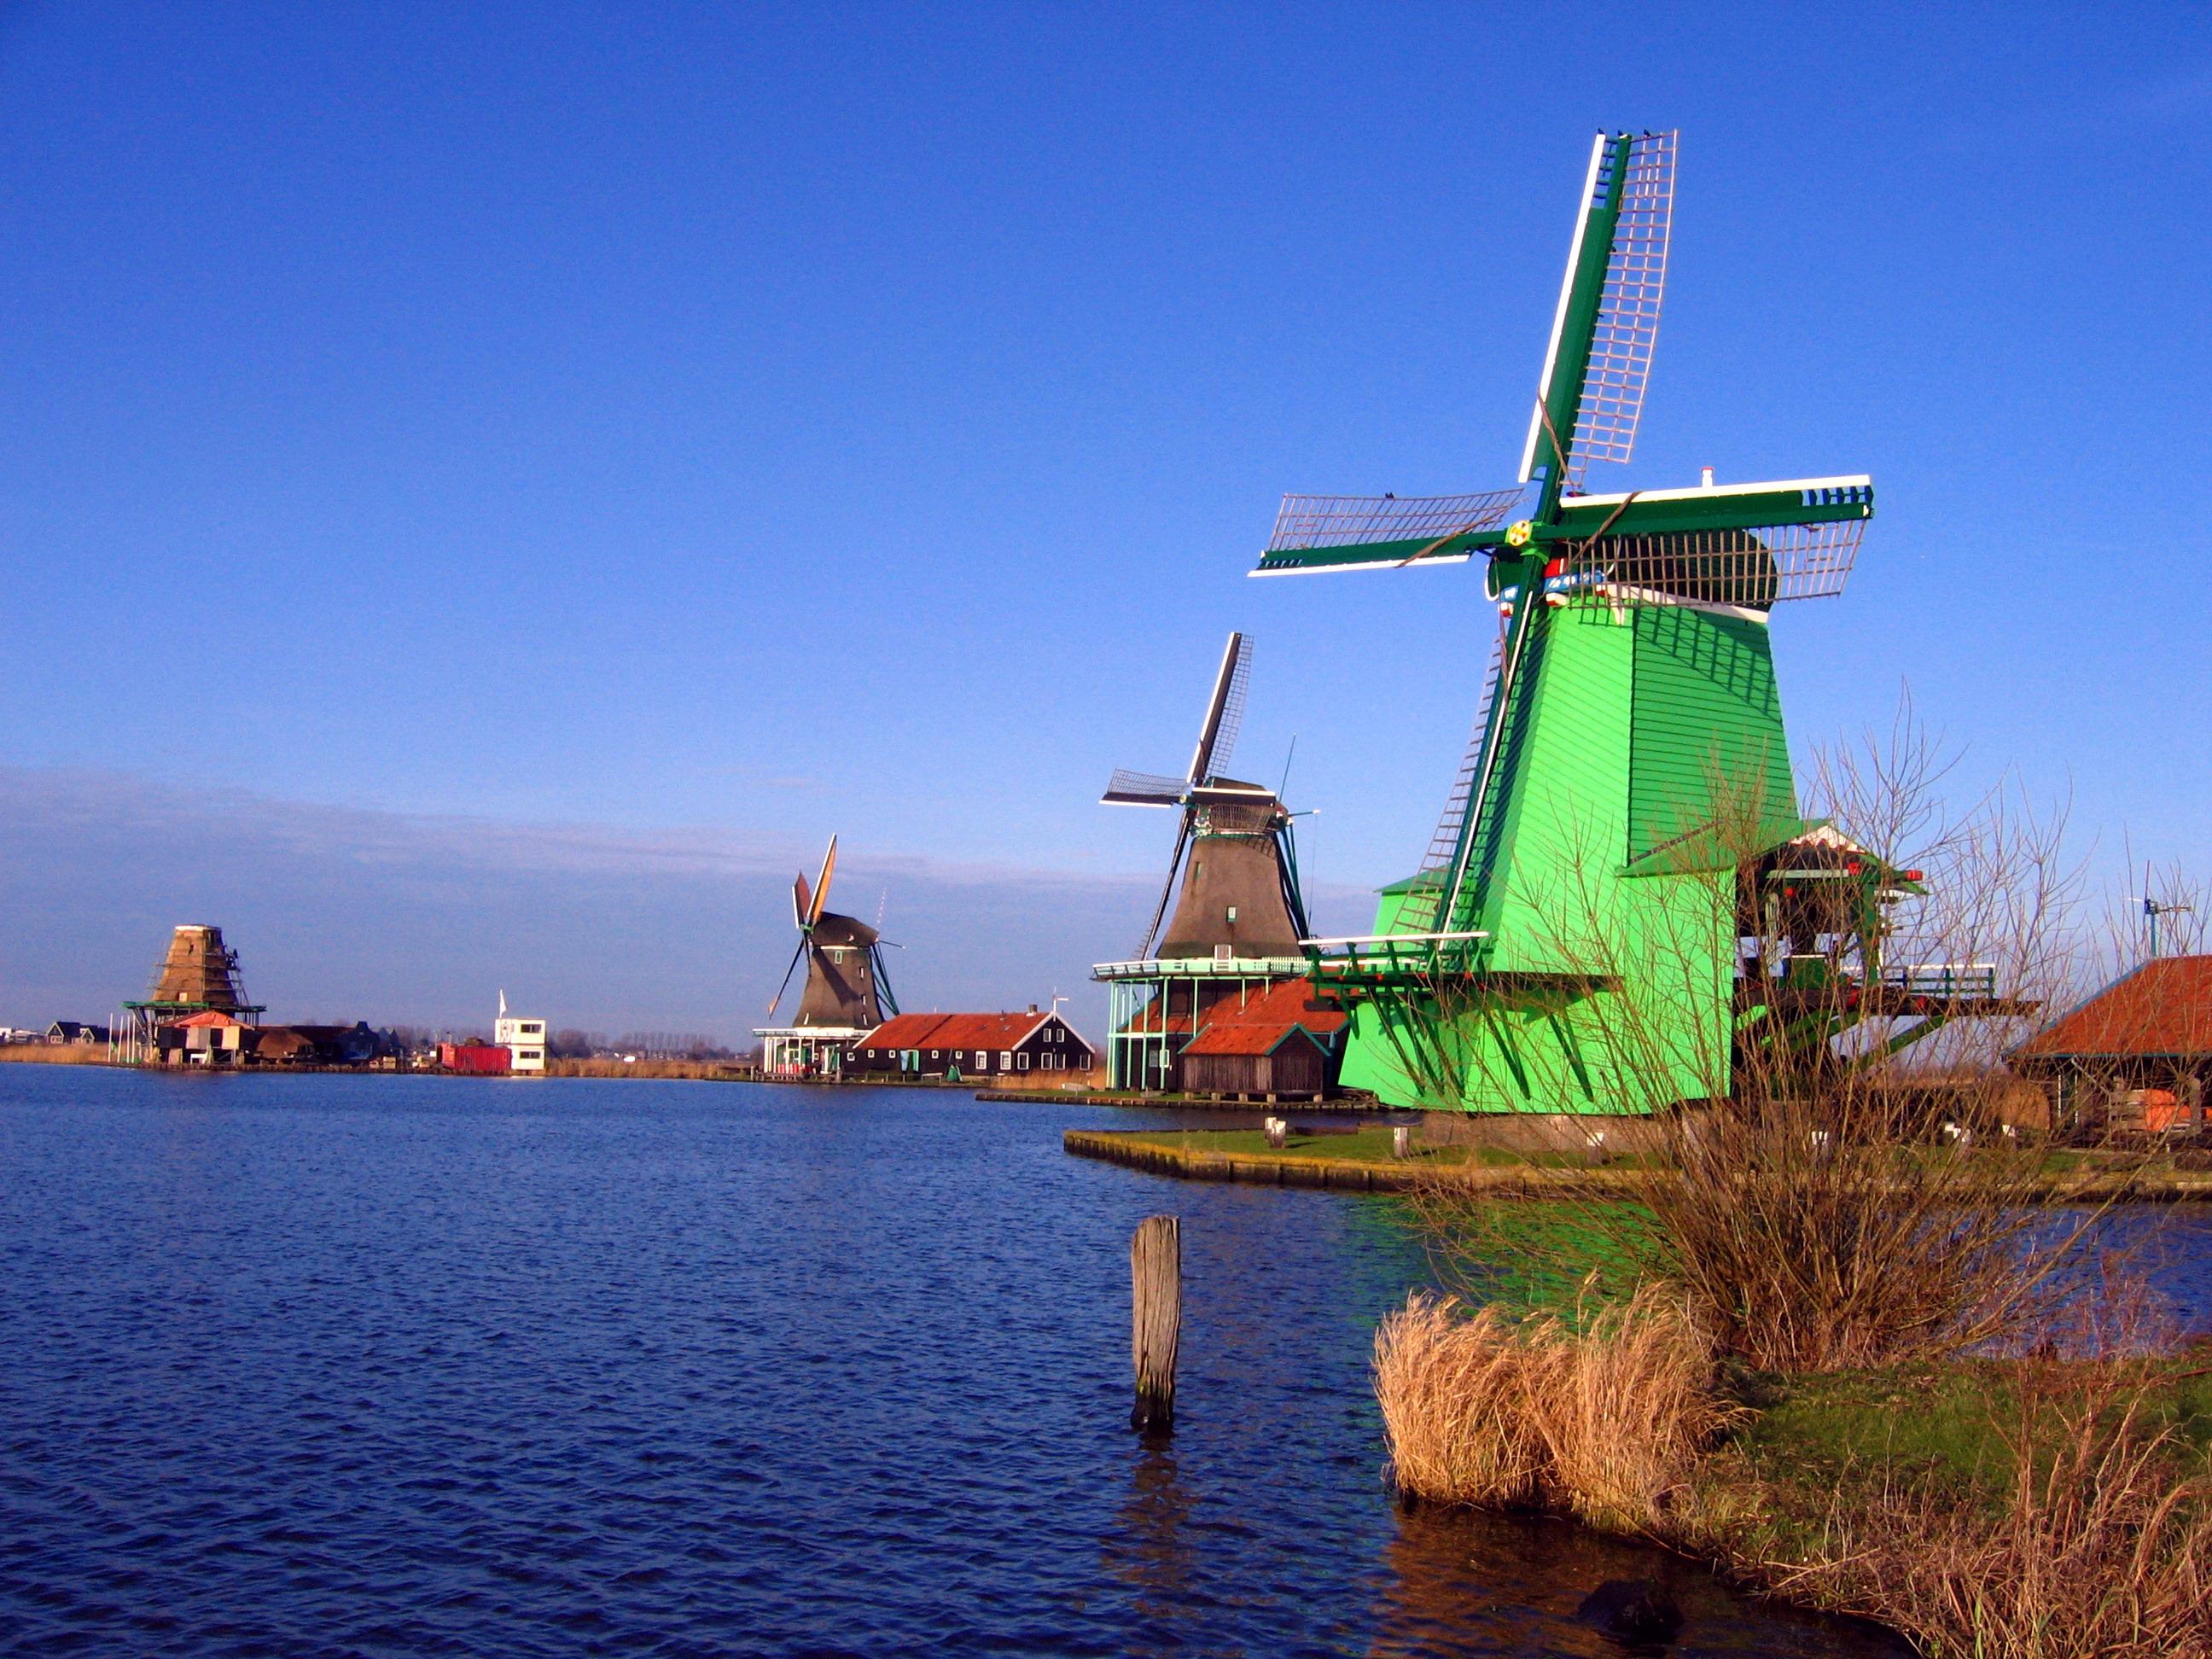 Moinhos de vento - Zaanse Schans | foto: tourism-spot.com